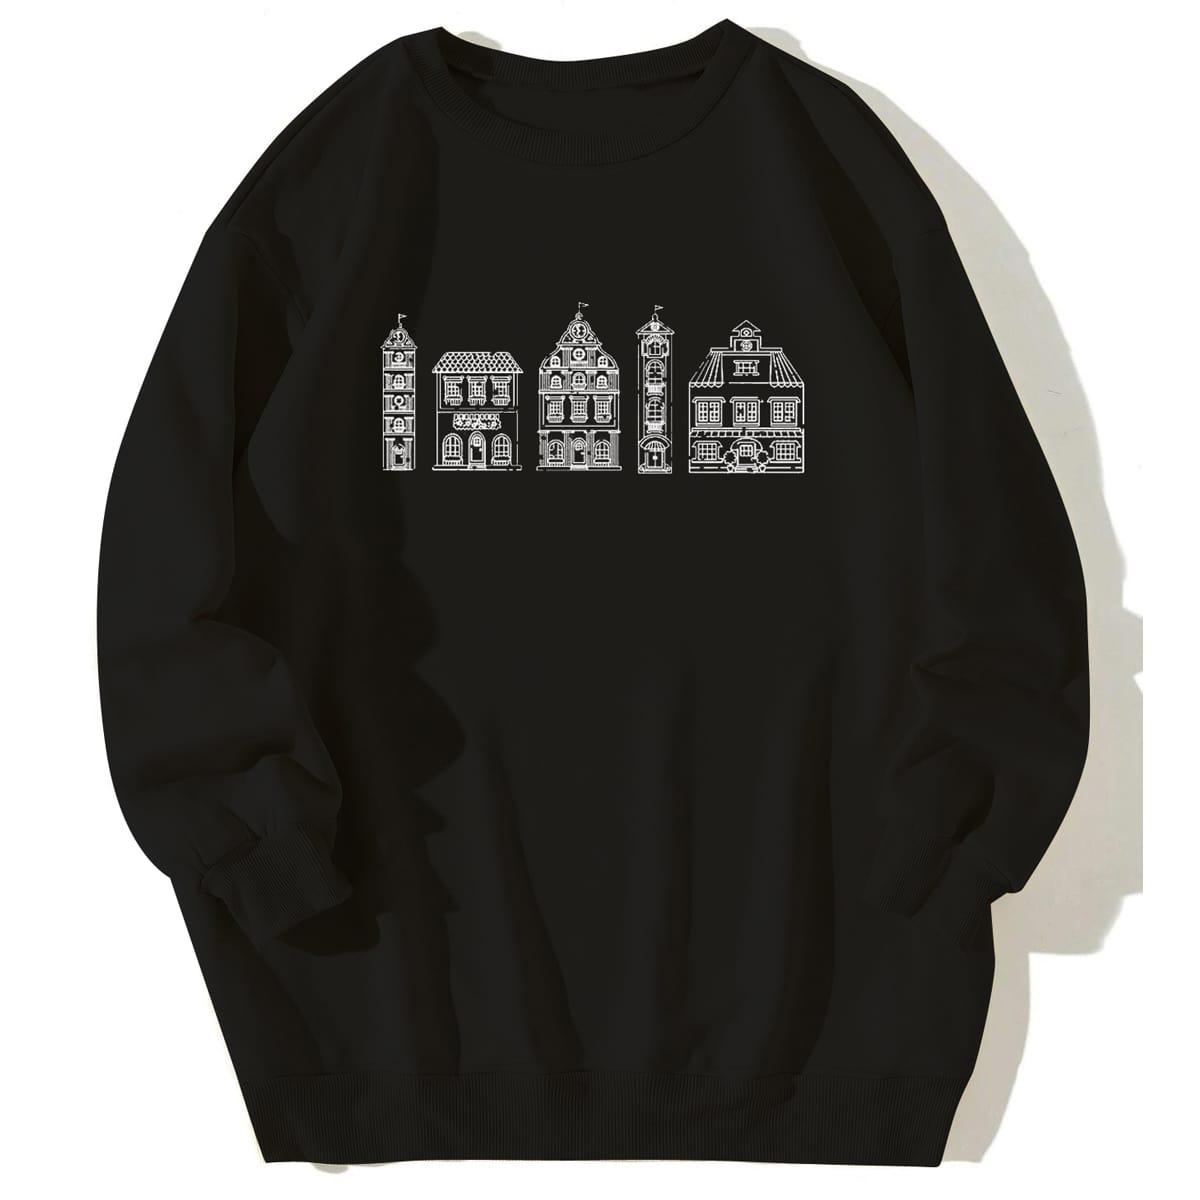 Plus Building Print Sweatshirt